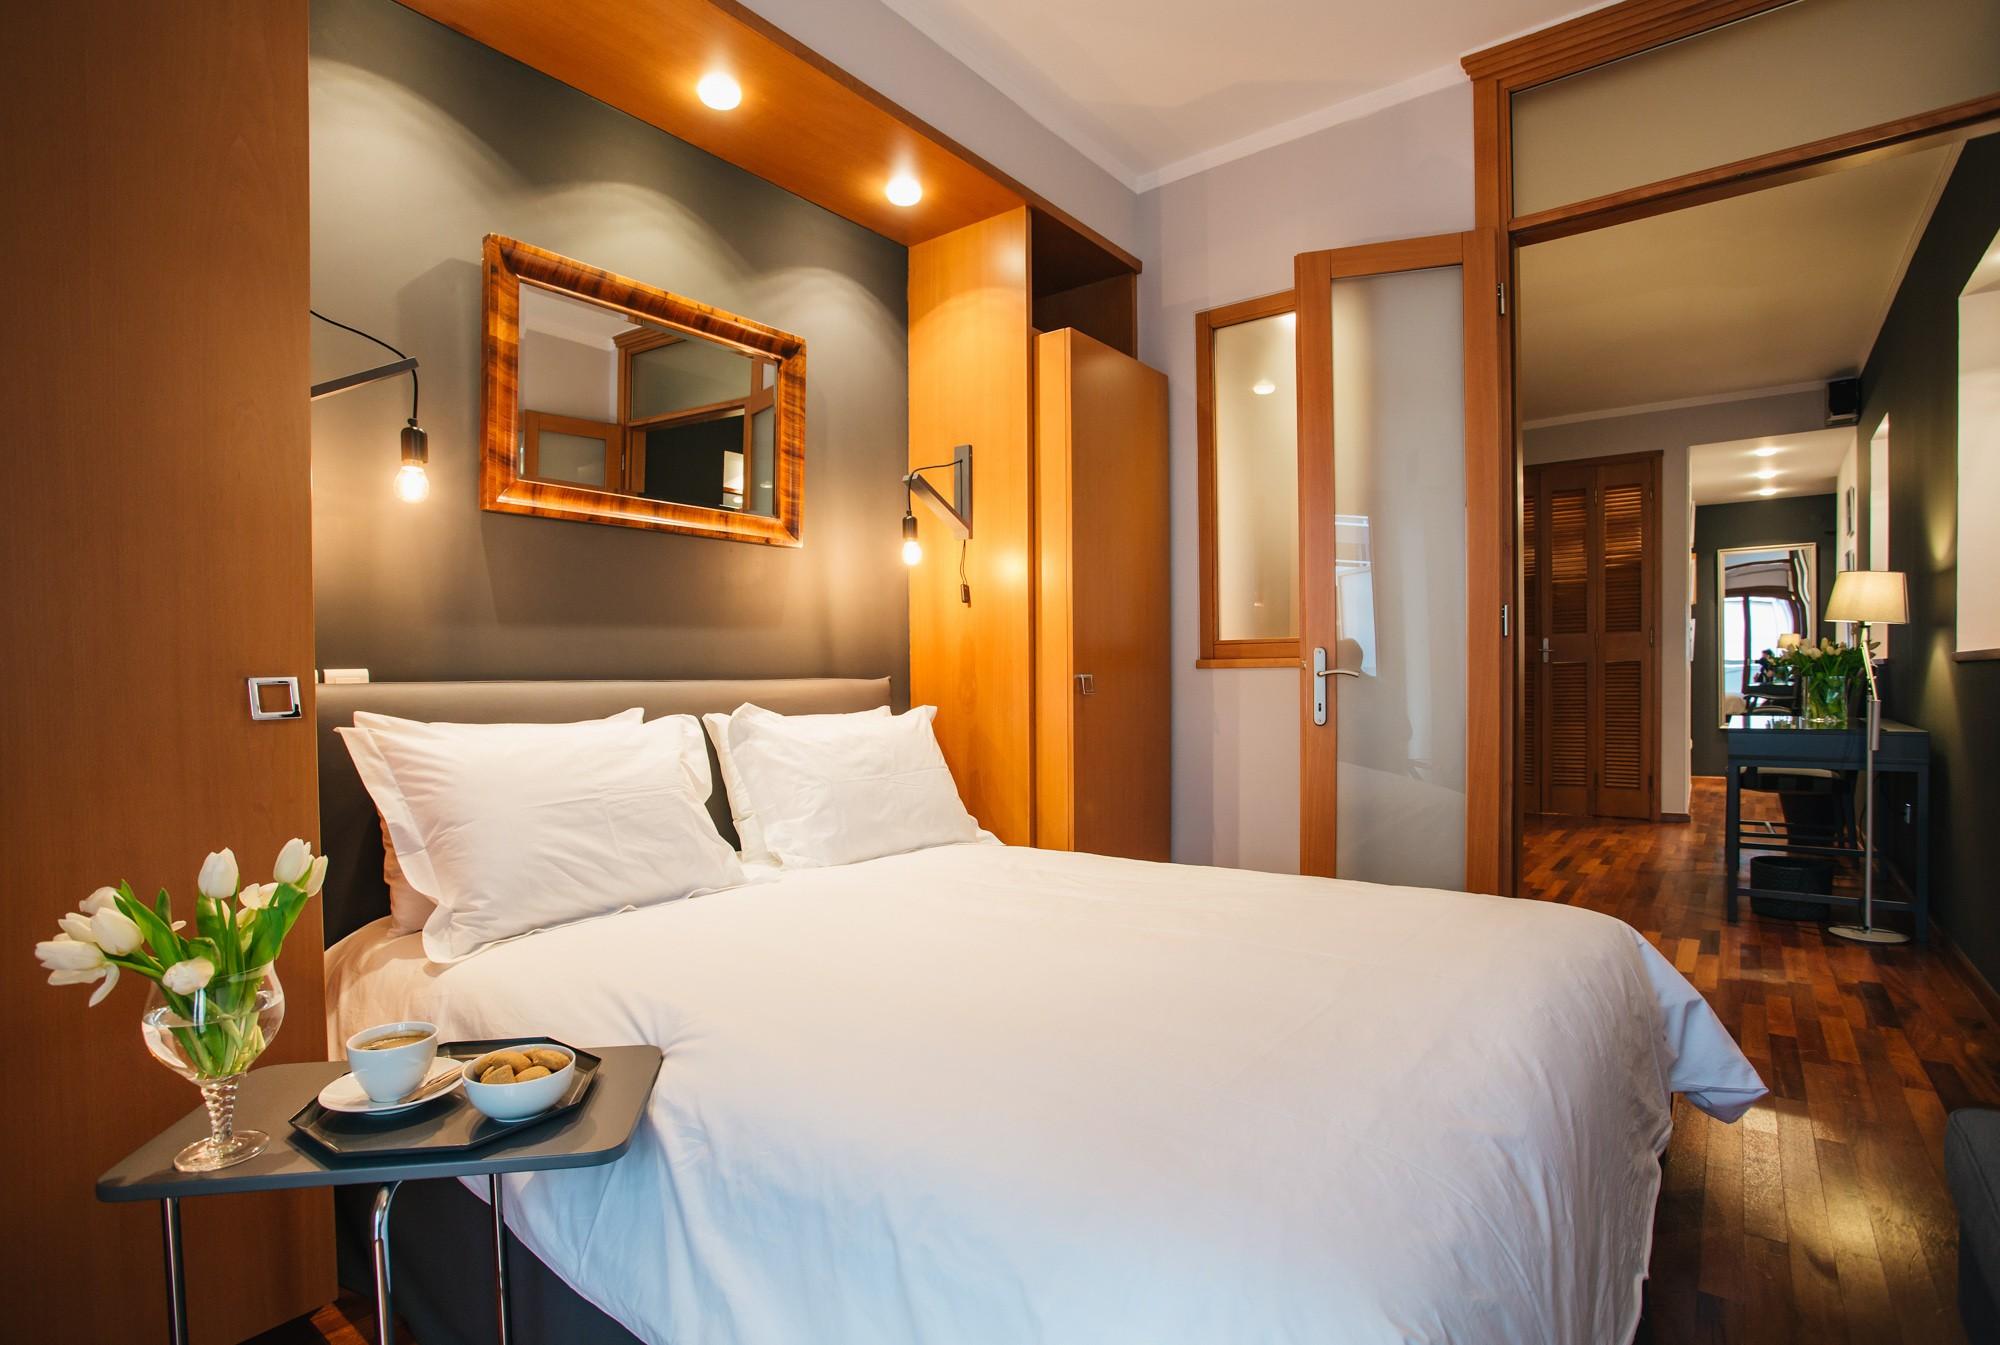 Ξενοδοχειακή Φωτογραφία | Φωτογράφηση Δωματίων Airbnb